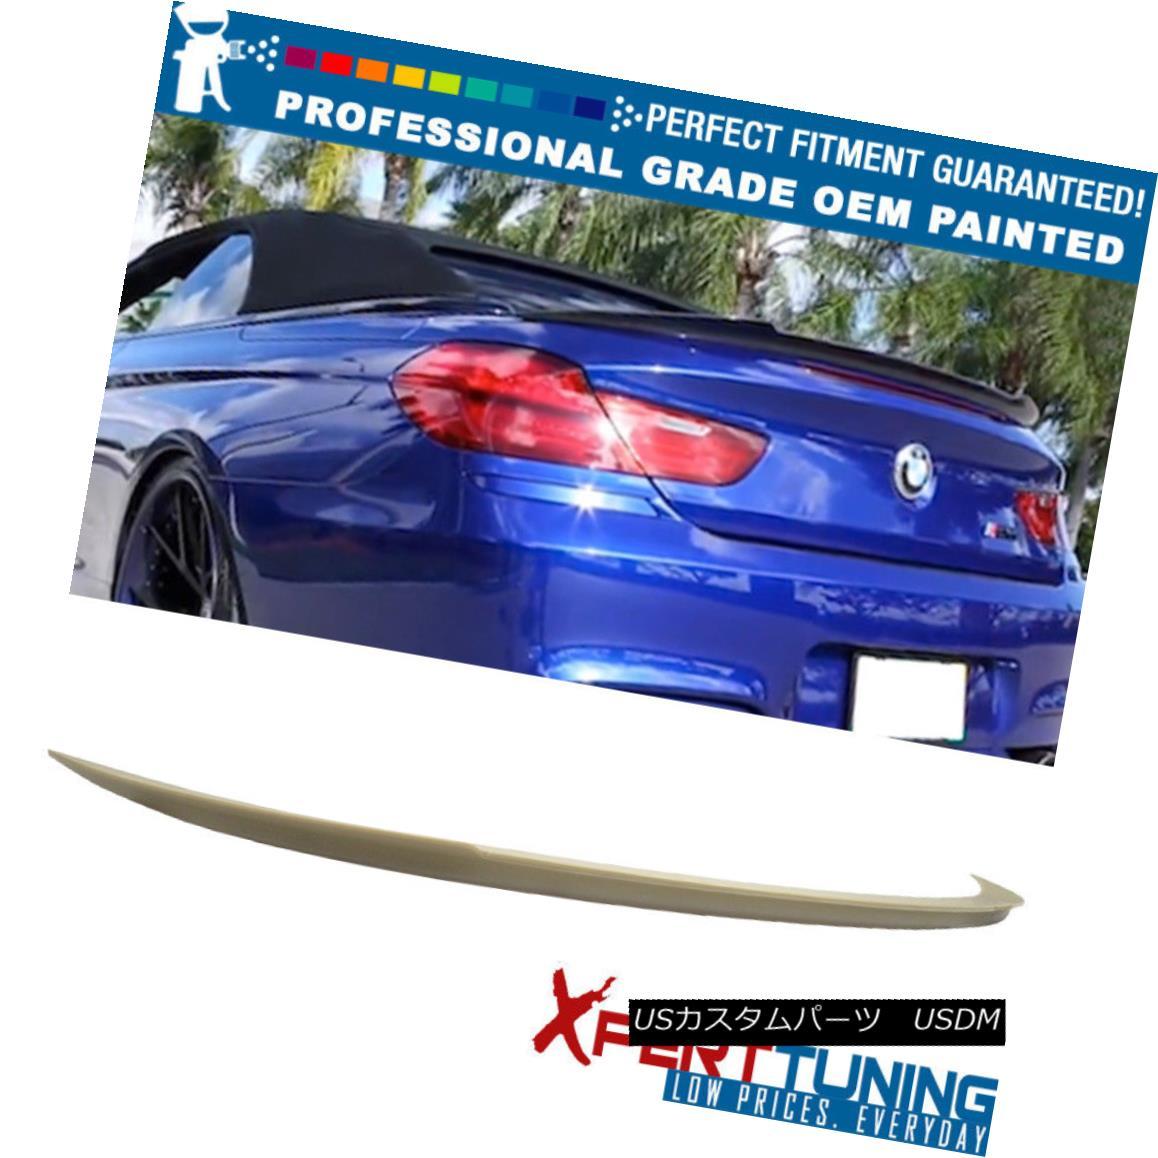 エアロパーツ 12-17 BMW F12 Convertible V Type Painted ABS Trunk Spoiler - OEM Painted Color 12-17 BMW F12コンバーチブルV型塗装ABSトランク・スポイラー - OEM塗装色